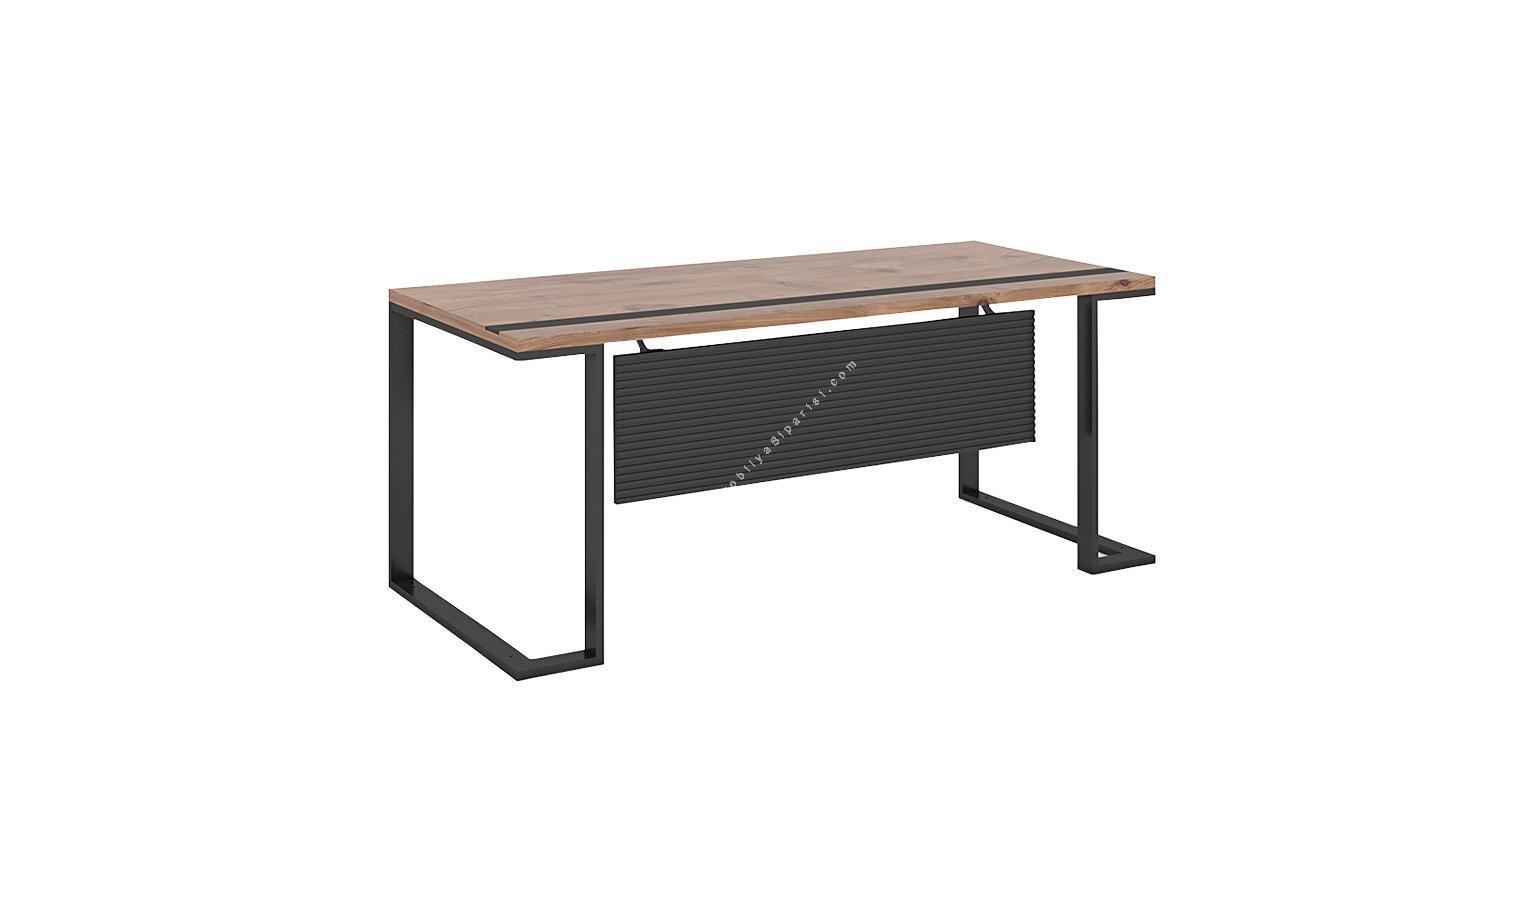 bondo çift ayaklı çalışma masası 200cm